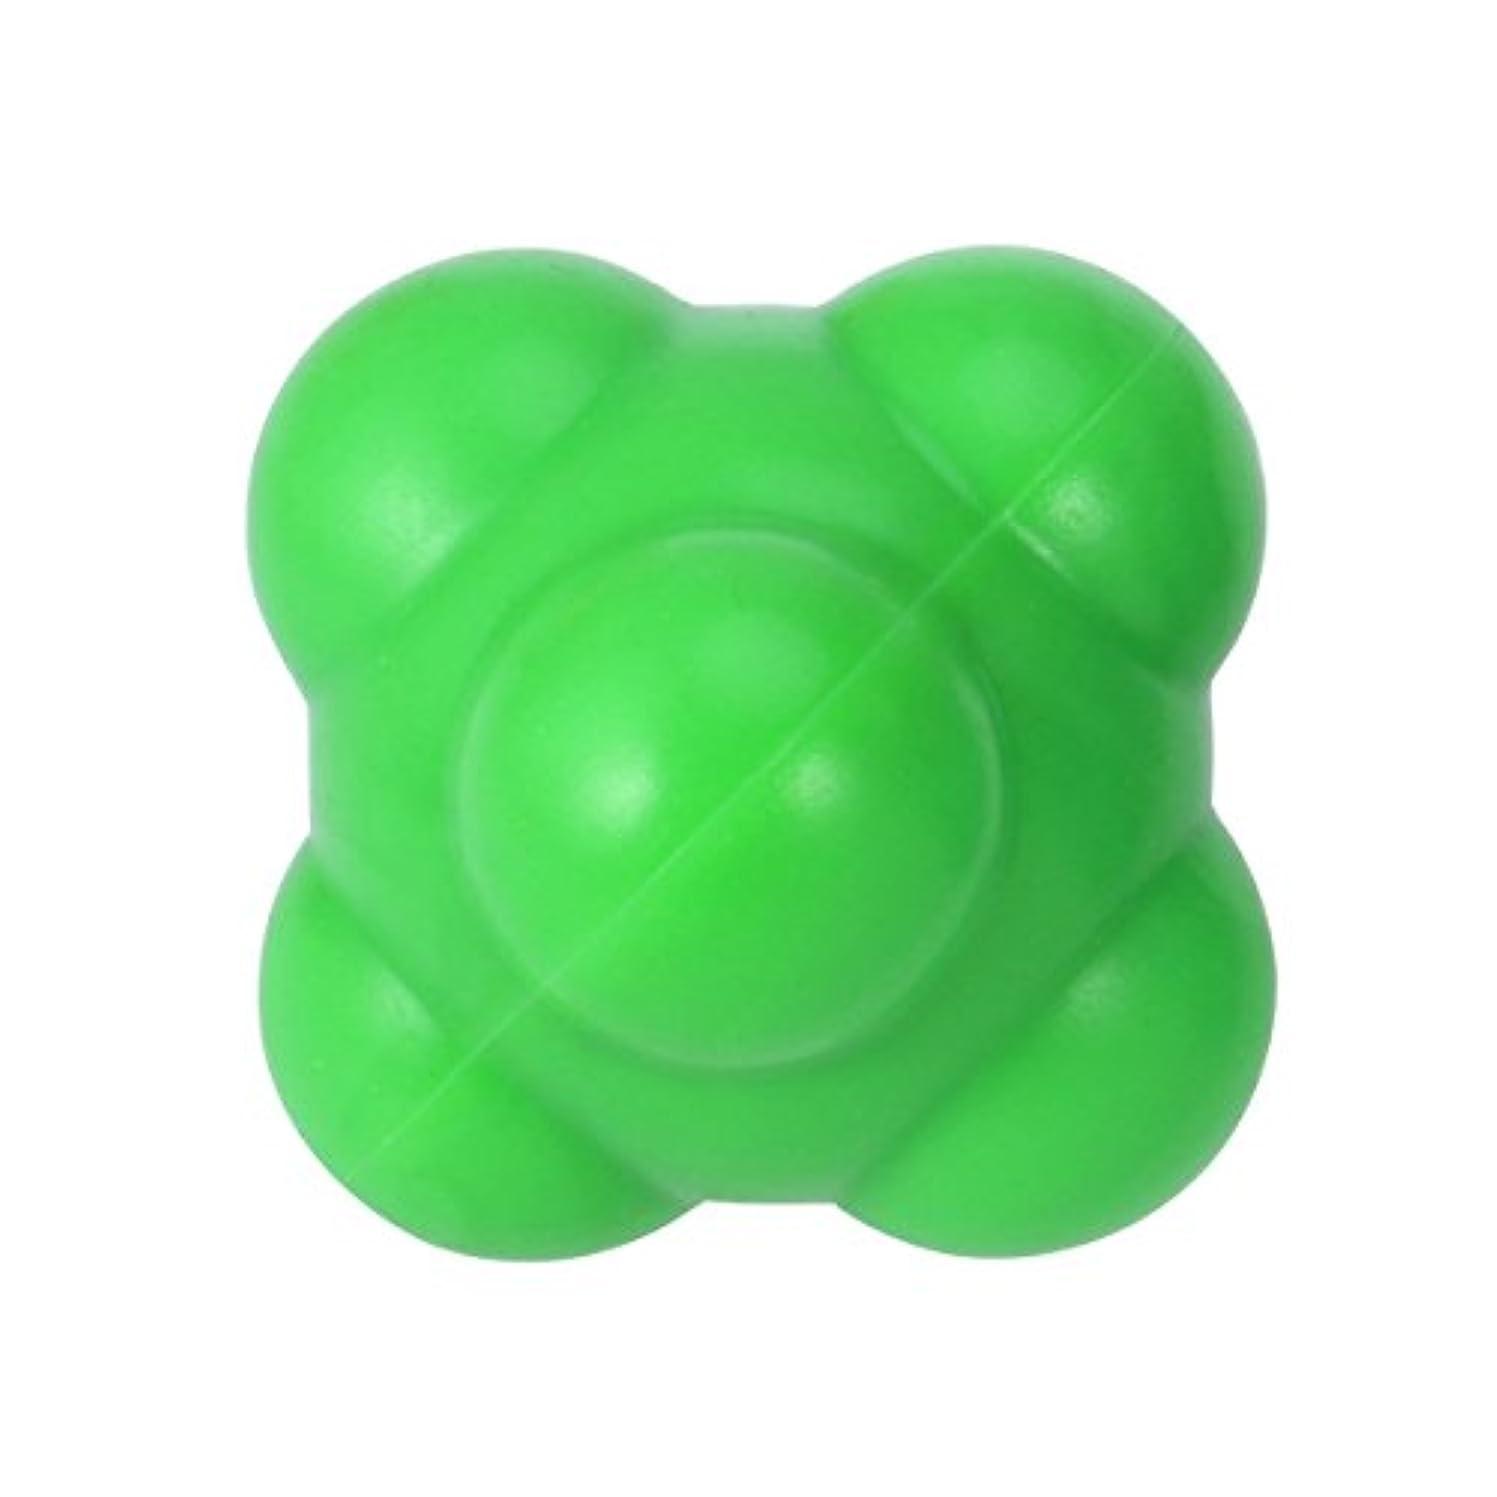 不良市の中心部ケントSUPVOX 反応ボール 敏捷性とスピードハンドアイ調整(グリーン)